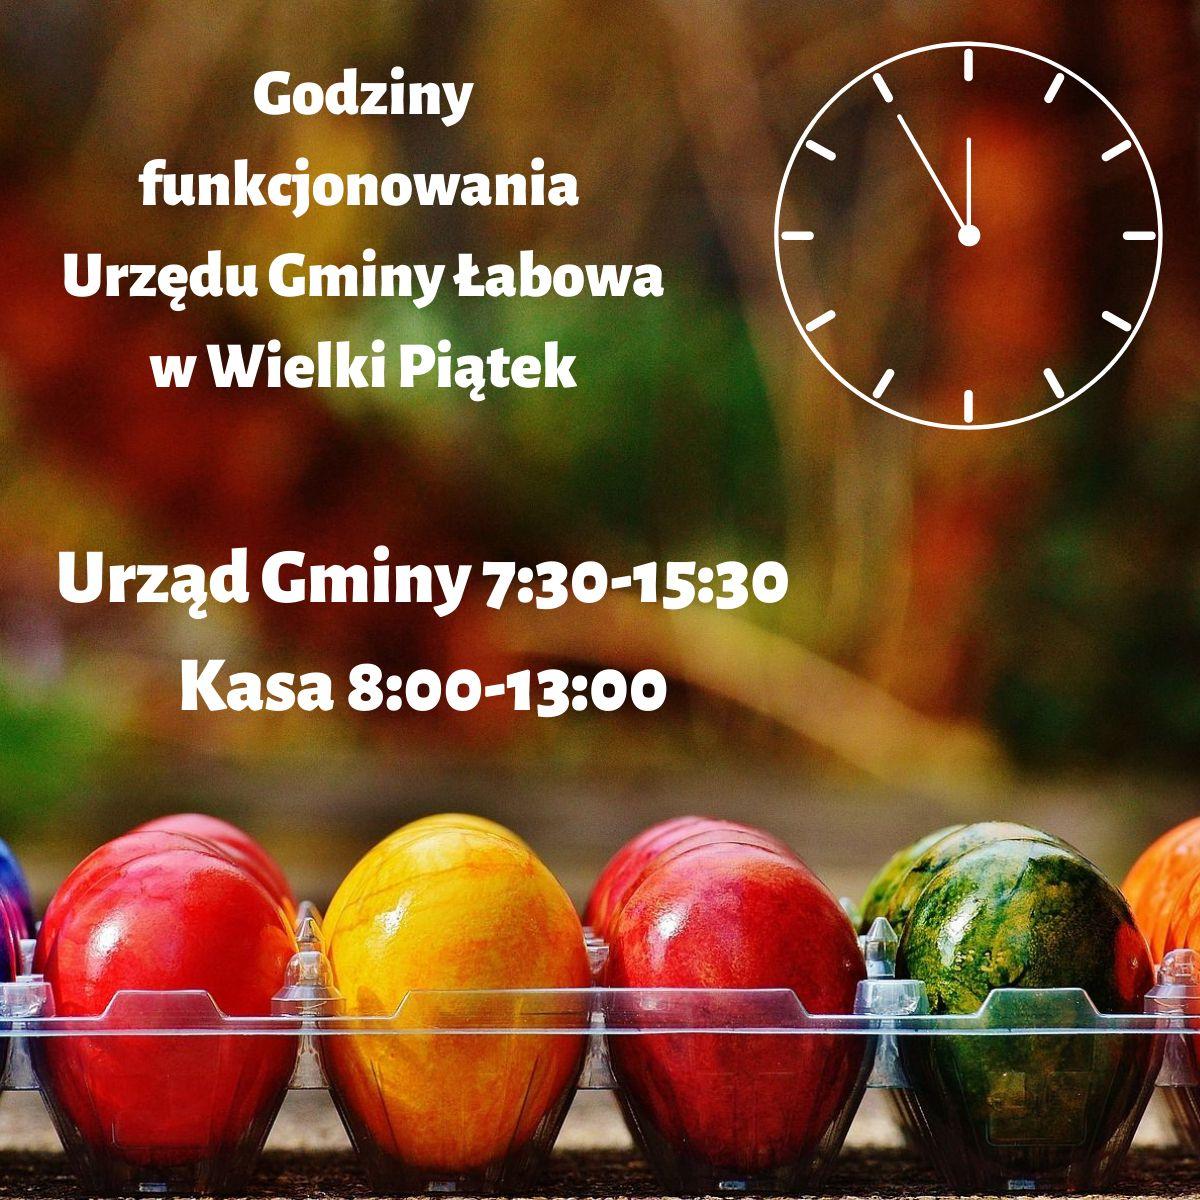 Godziny funkcjonowania Urzędu Gminy Łabowa w Wielki Piątek